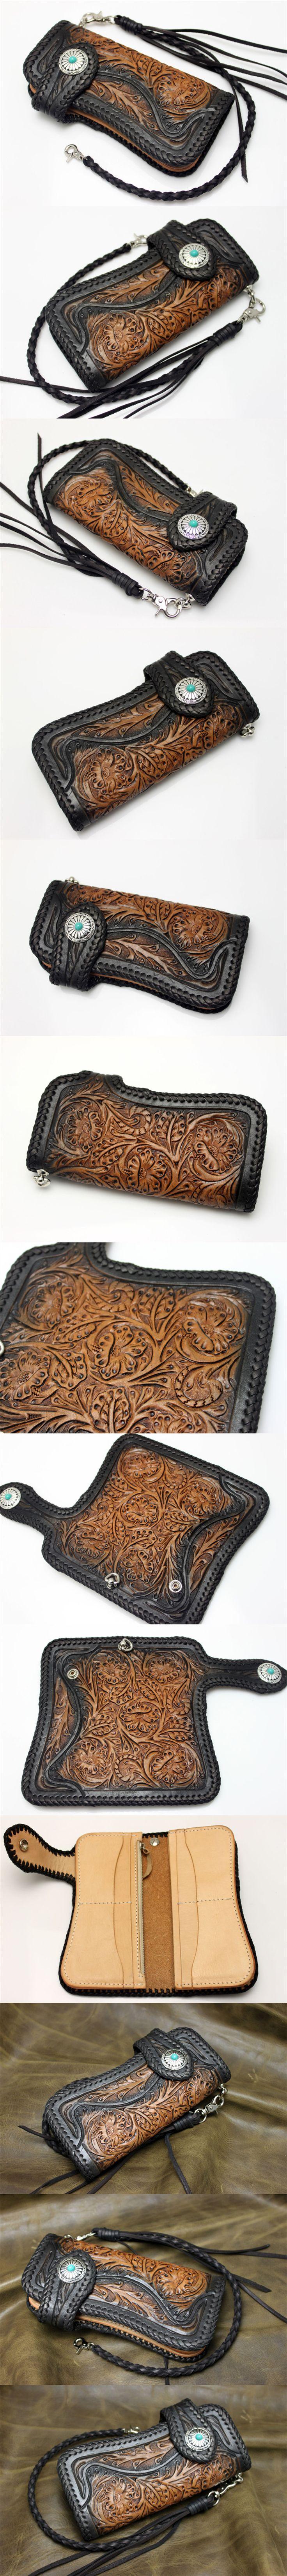 Floral Filigree Flower Vintage Wallet Hand Carved Tooled Leather Biker Wallet   eBay